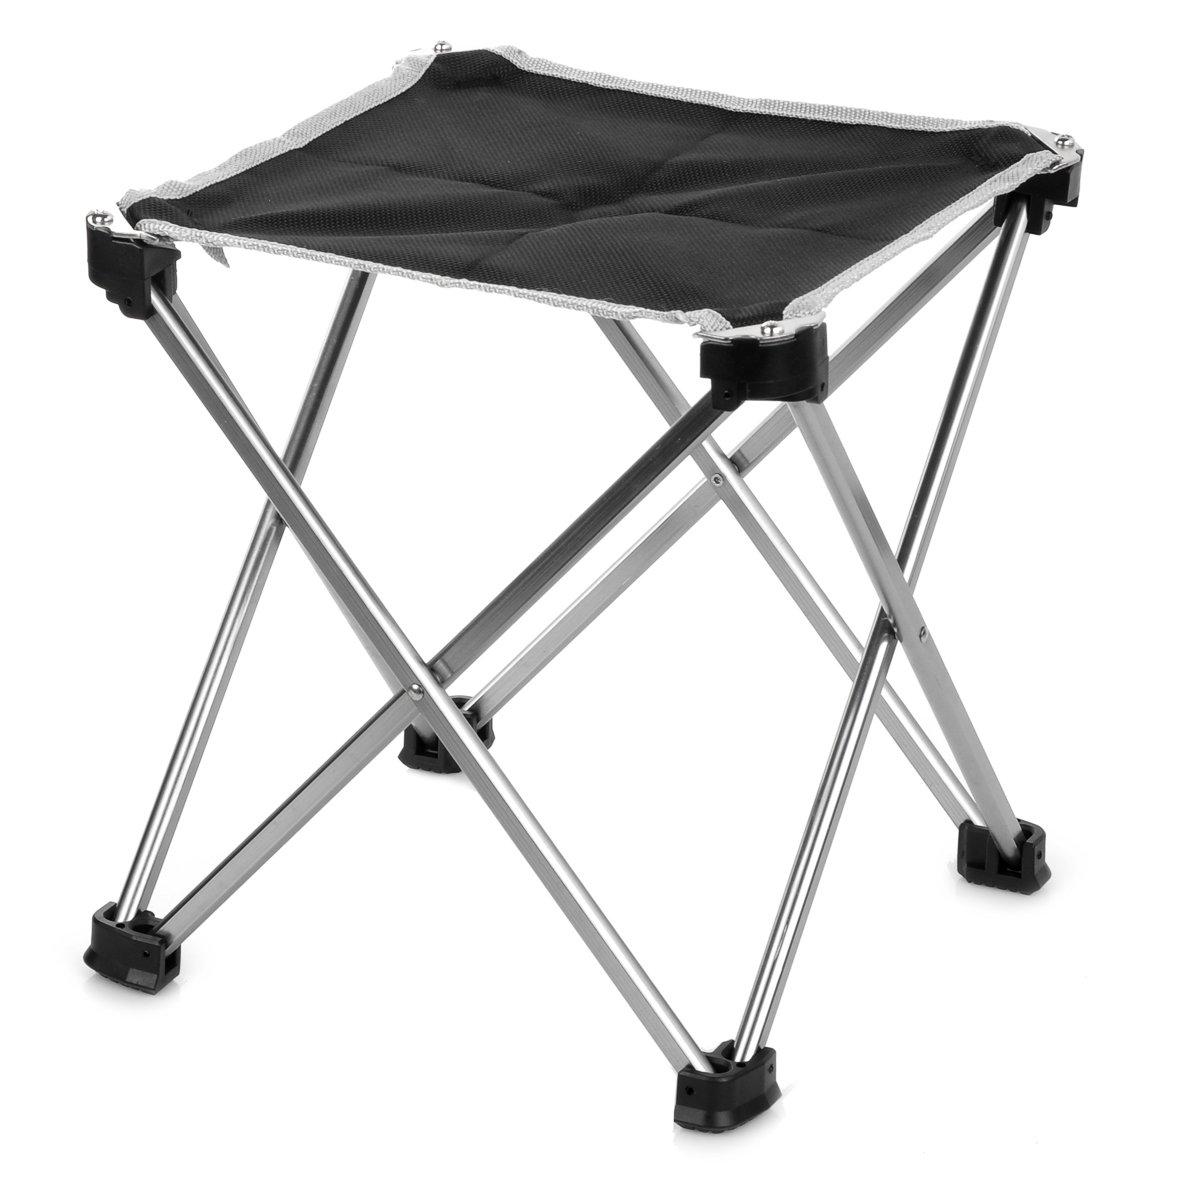 アウトドア折りたたみ式Square釣り椅子/キャンプstool-ultraライトアルミニウム合金(サイズL ) B077JSGLD2